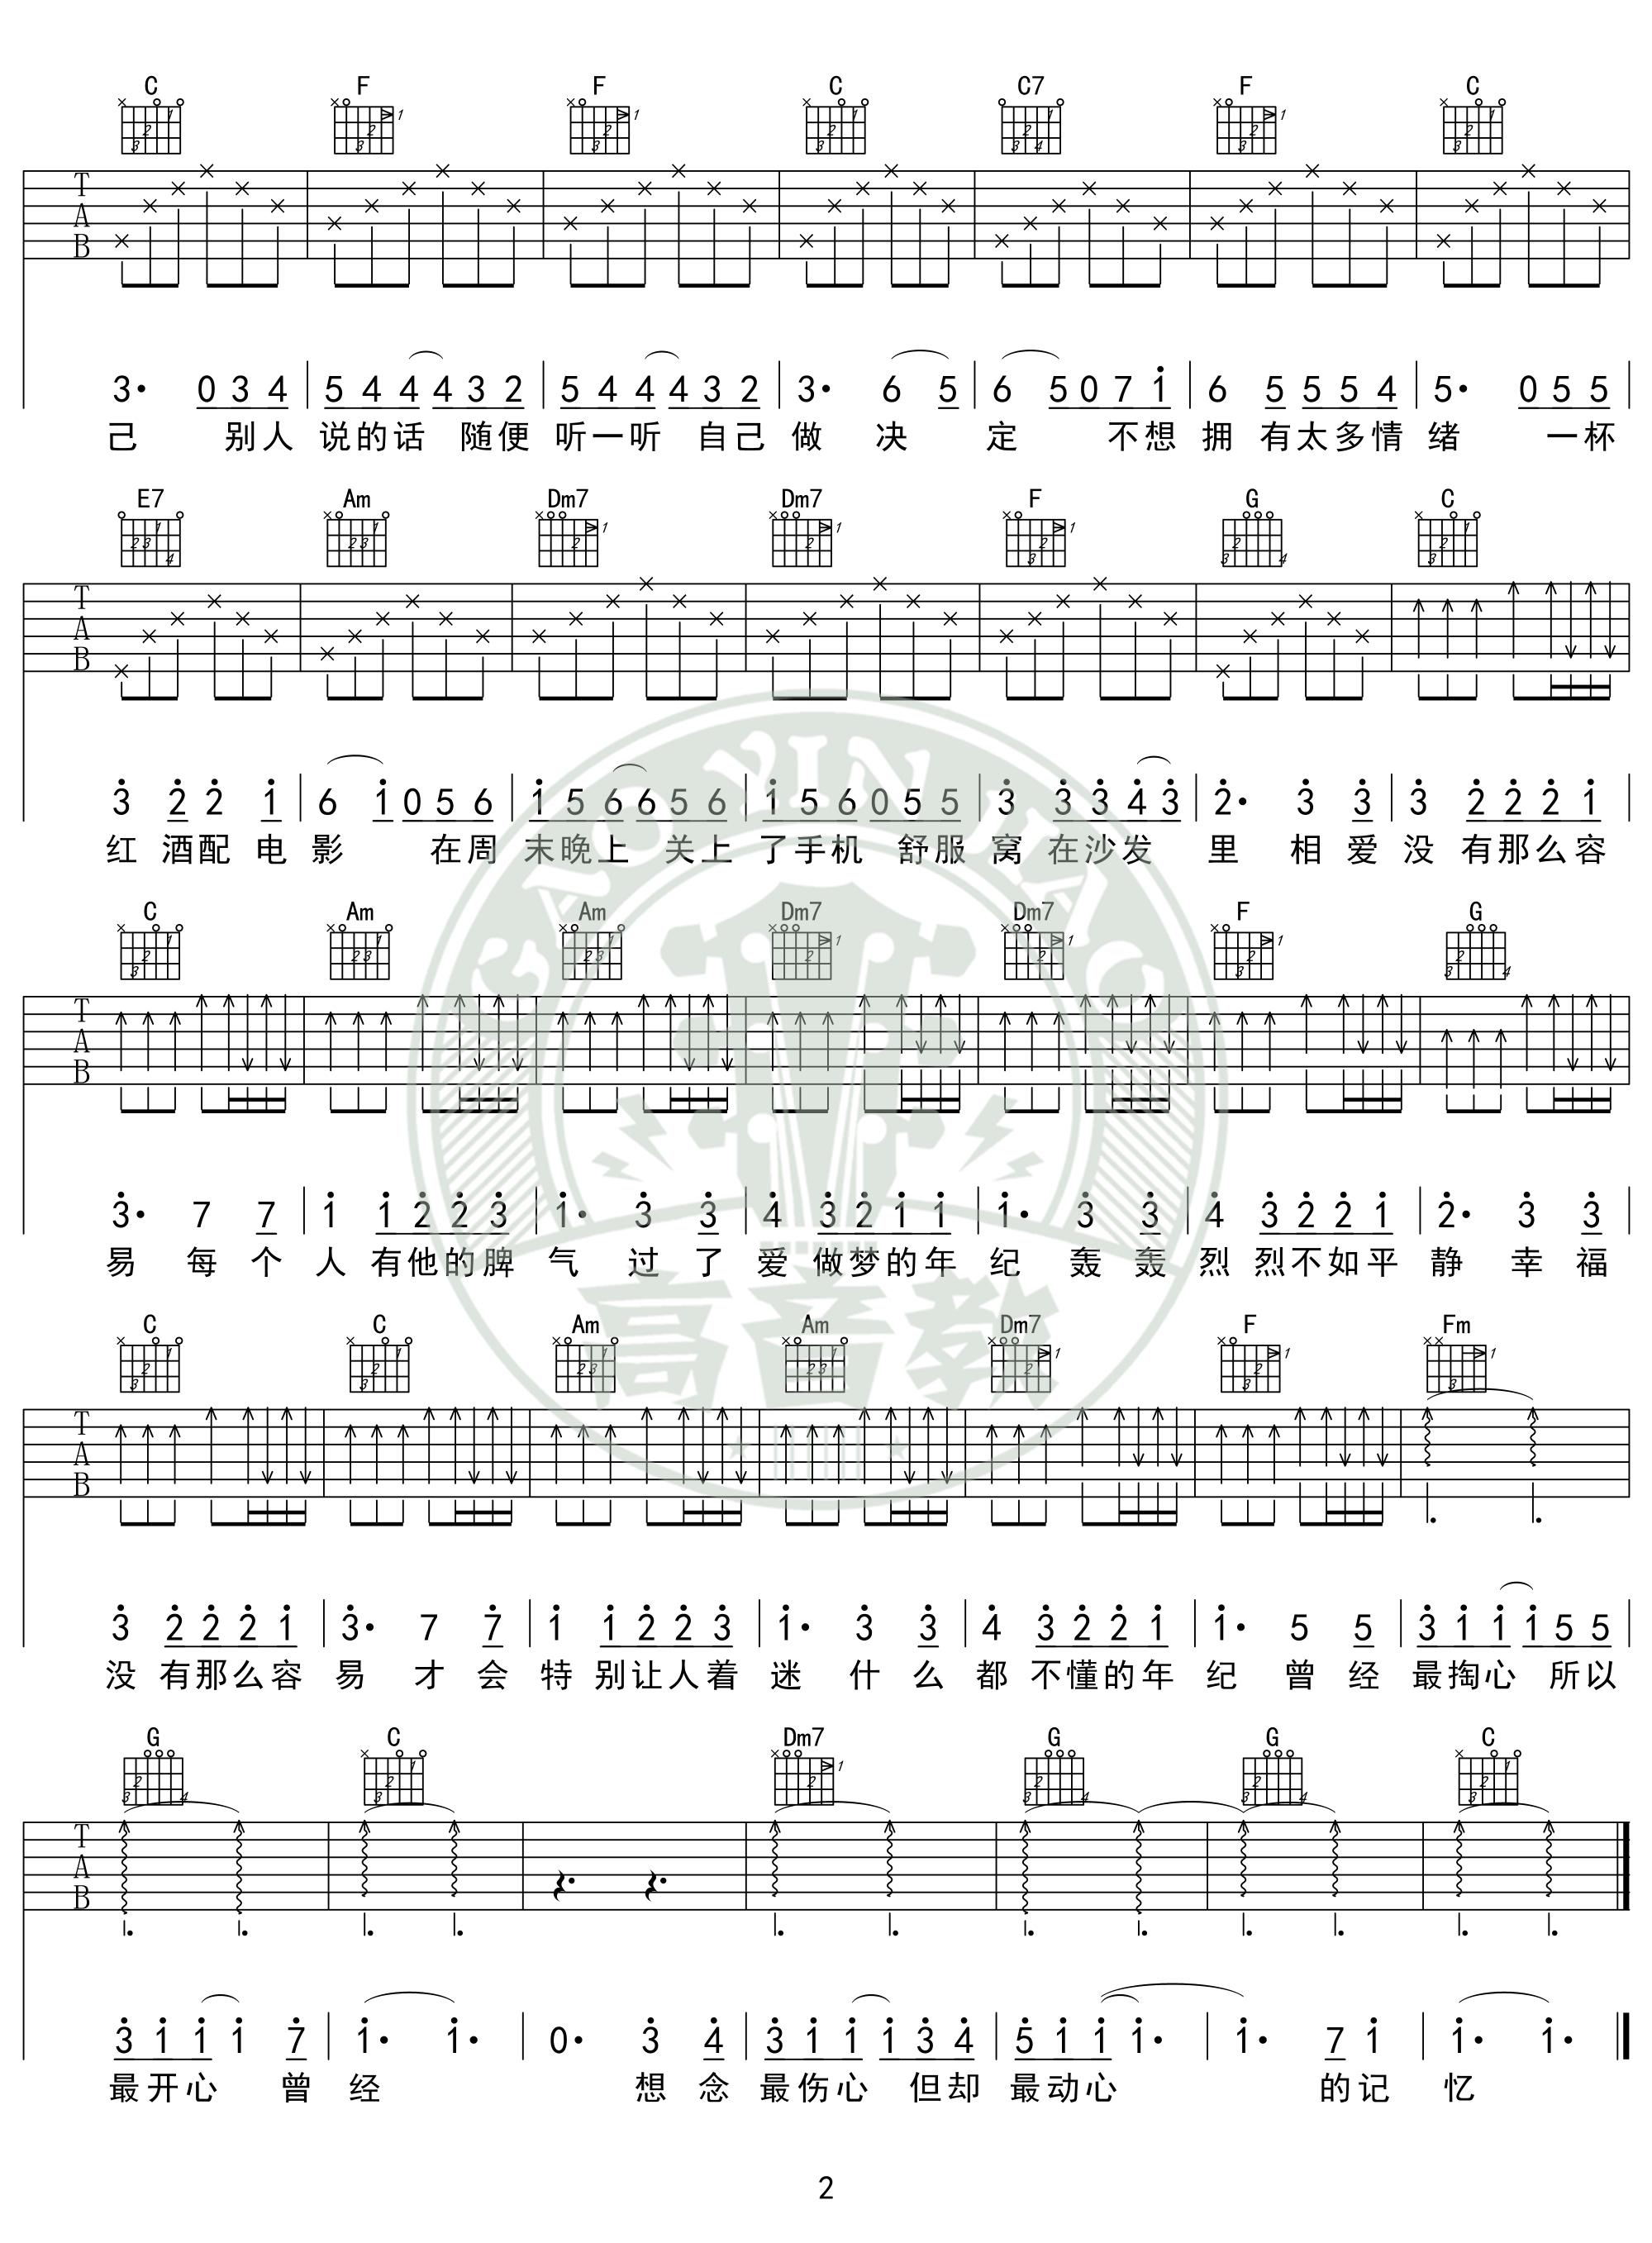 黄小琥 没那么简单 吉他谱c调入门版 高音教编配 猴哥吉他教学